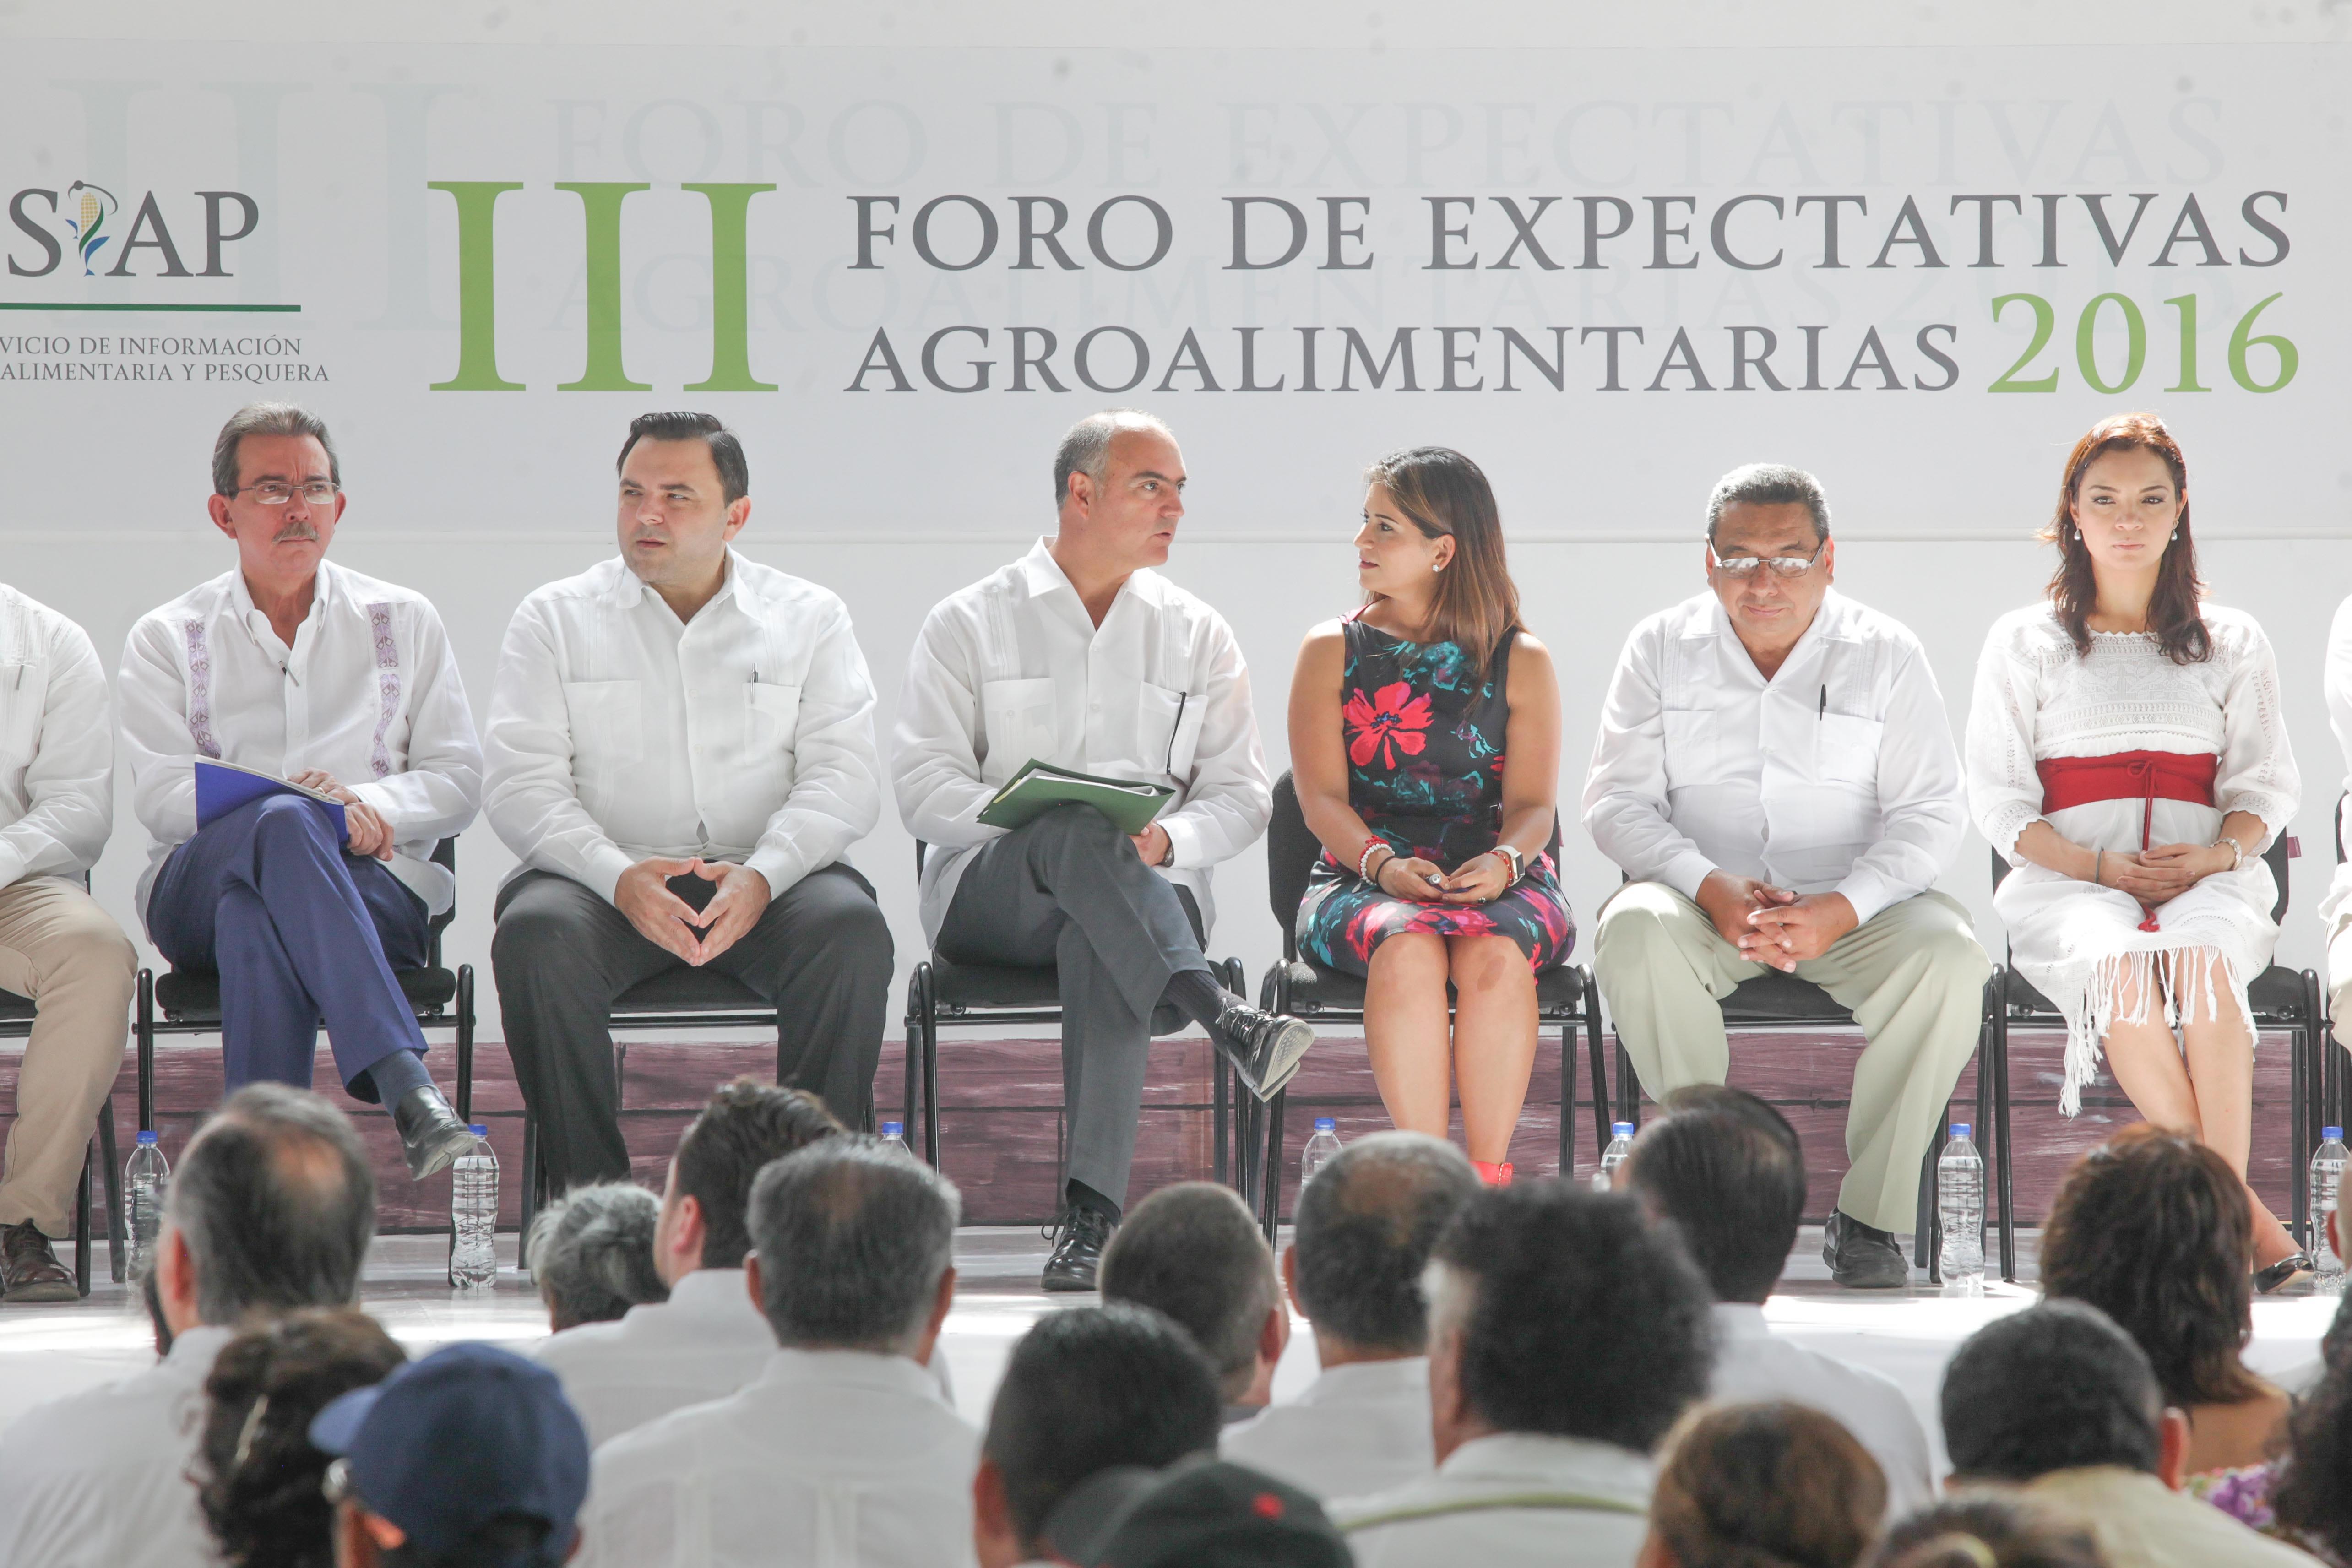 El secretario José Calzada Rovirosa inauguró el III Foro de Expectativas Agroalimentarias 2016.